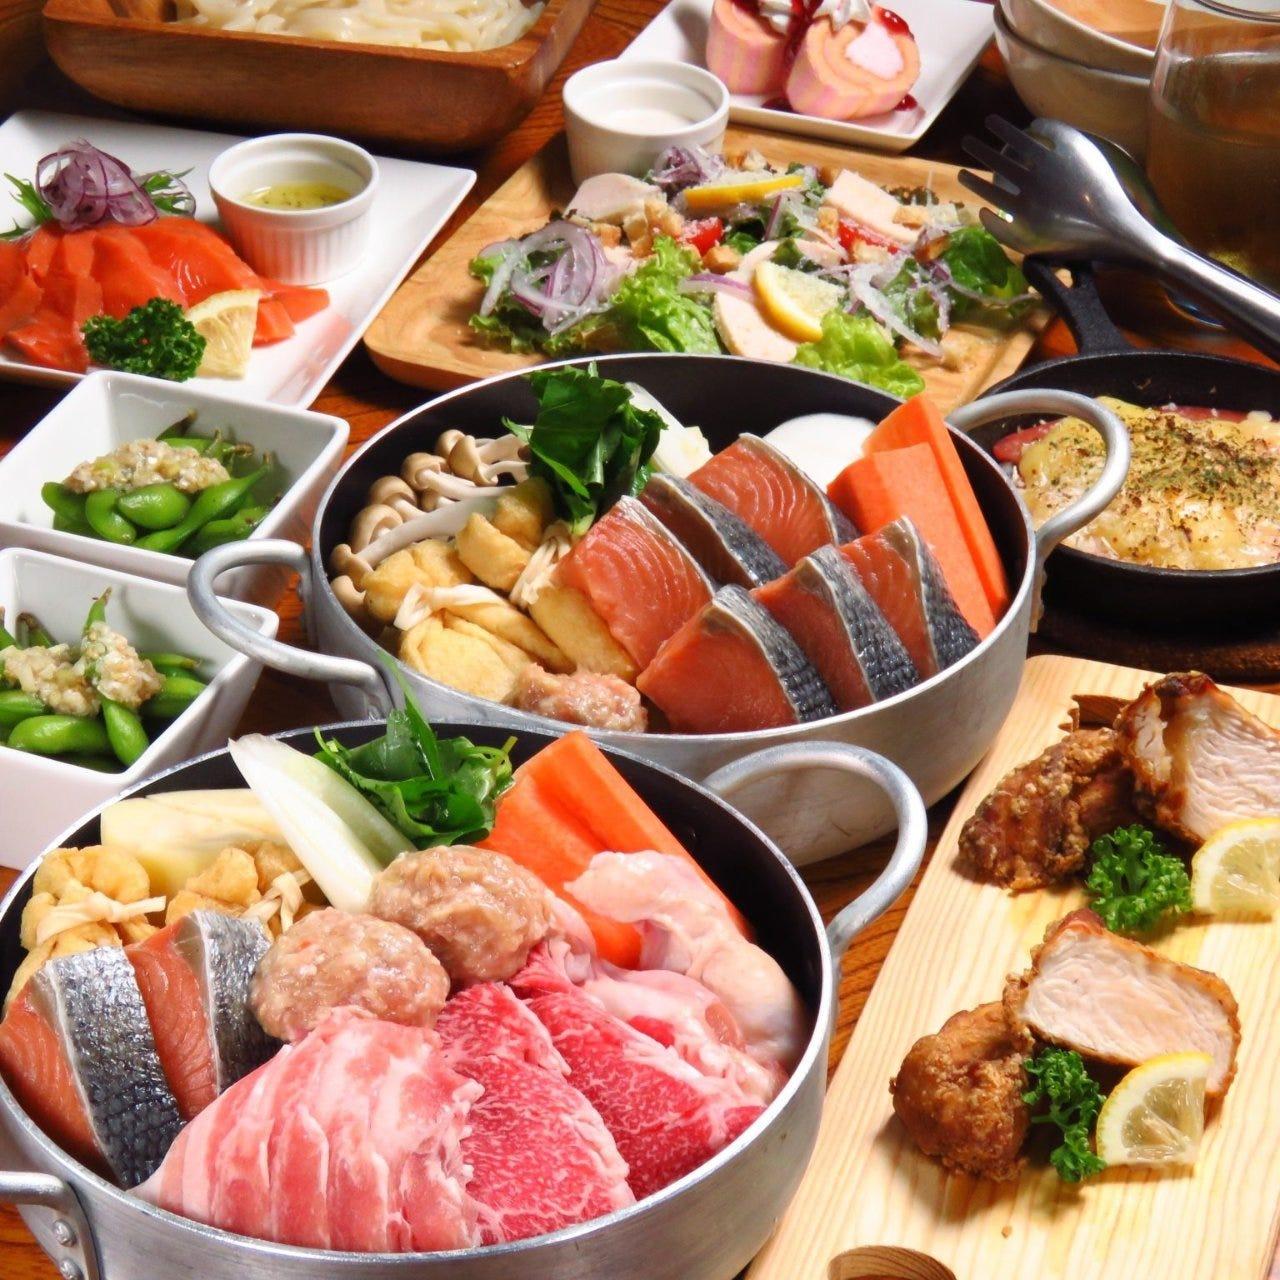 ◆他では絶対に味わえないオリジナル料理で歓送迎会!よくばりコース≪個室◎≫生付飲放 4000円